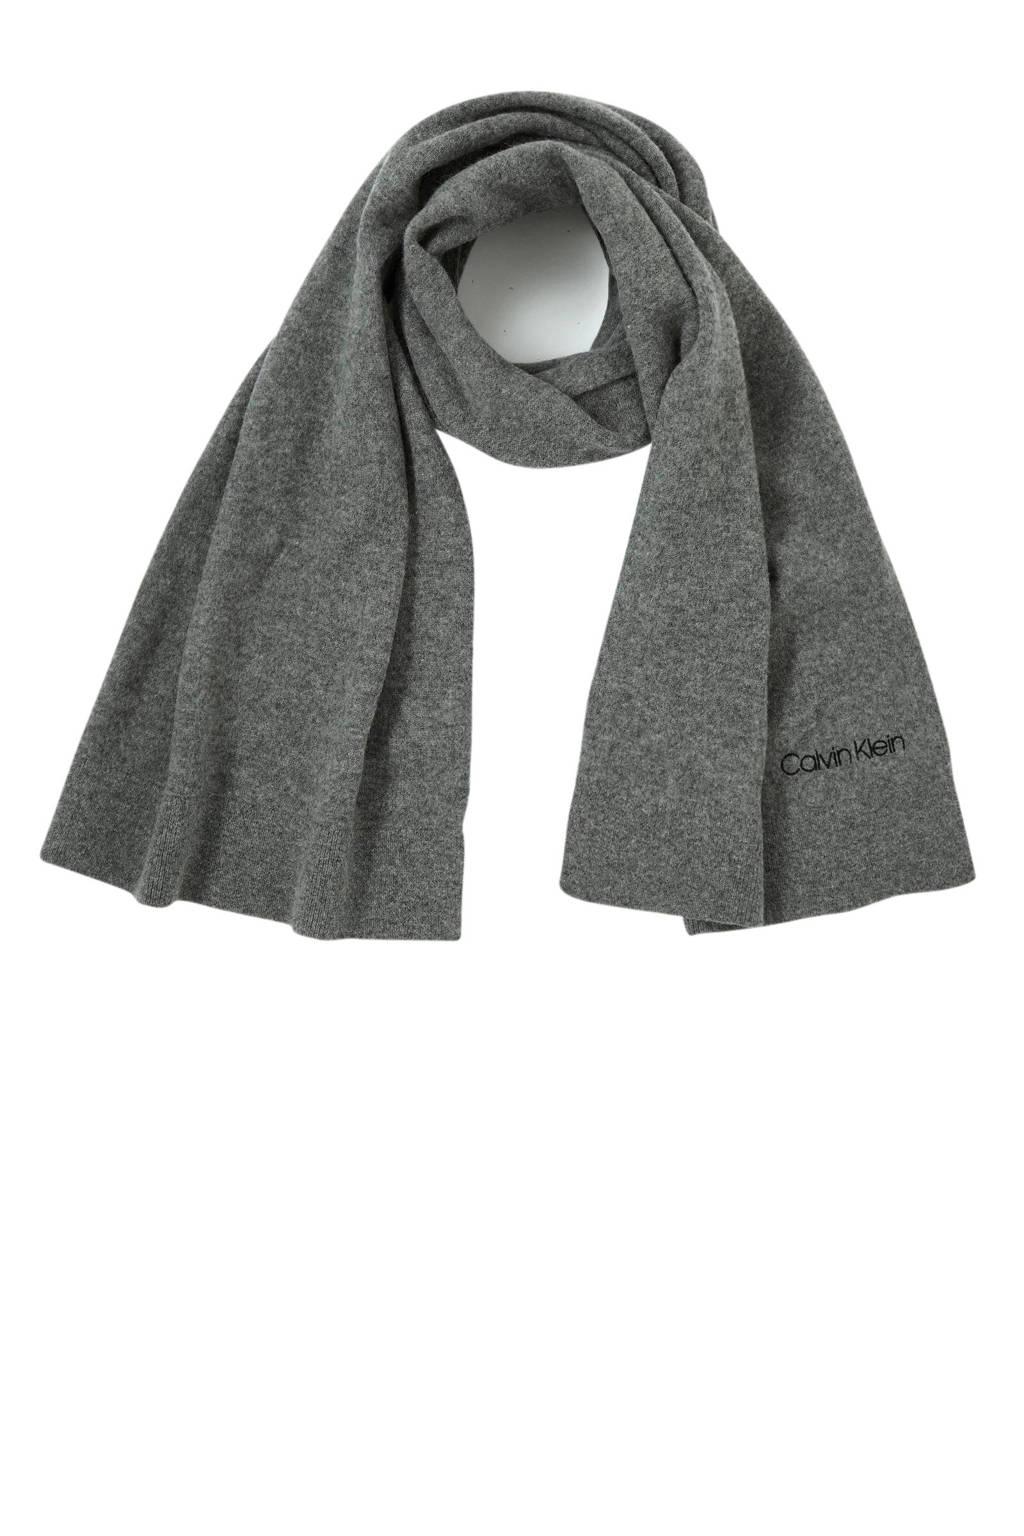 CALVIN KLEIN sjaal Boiled met wol grijs, Grijs